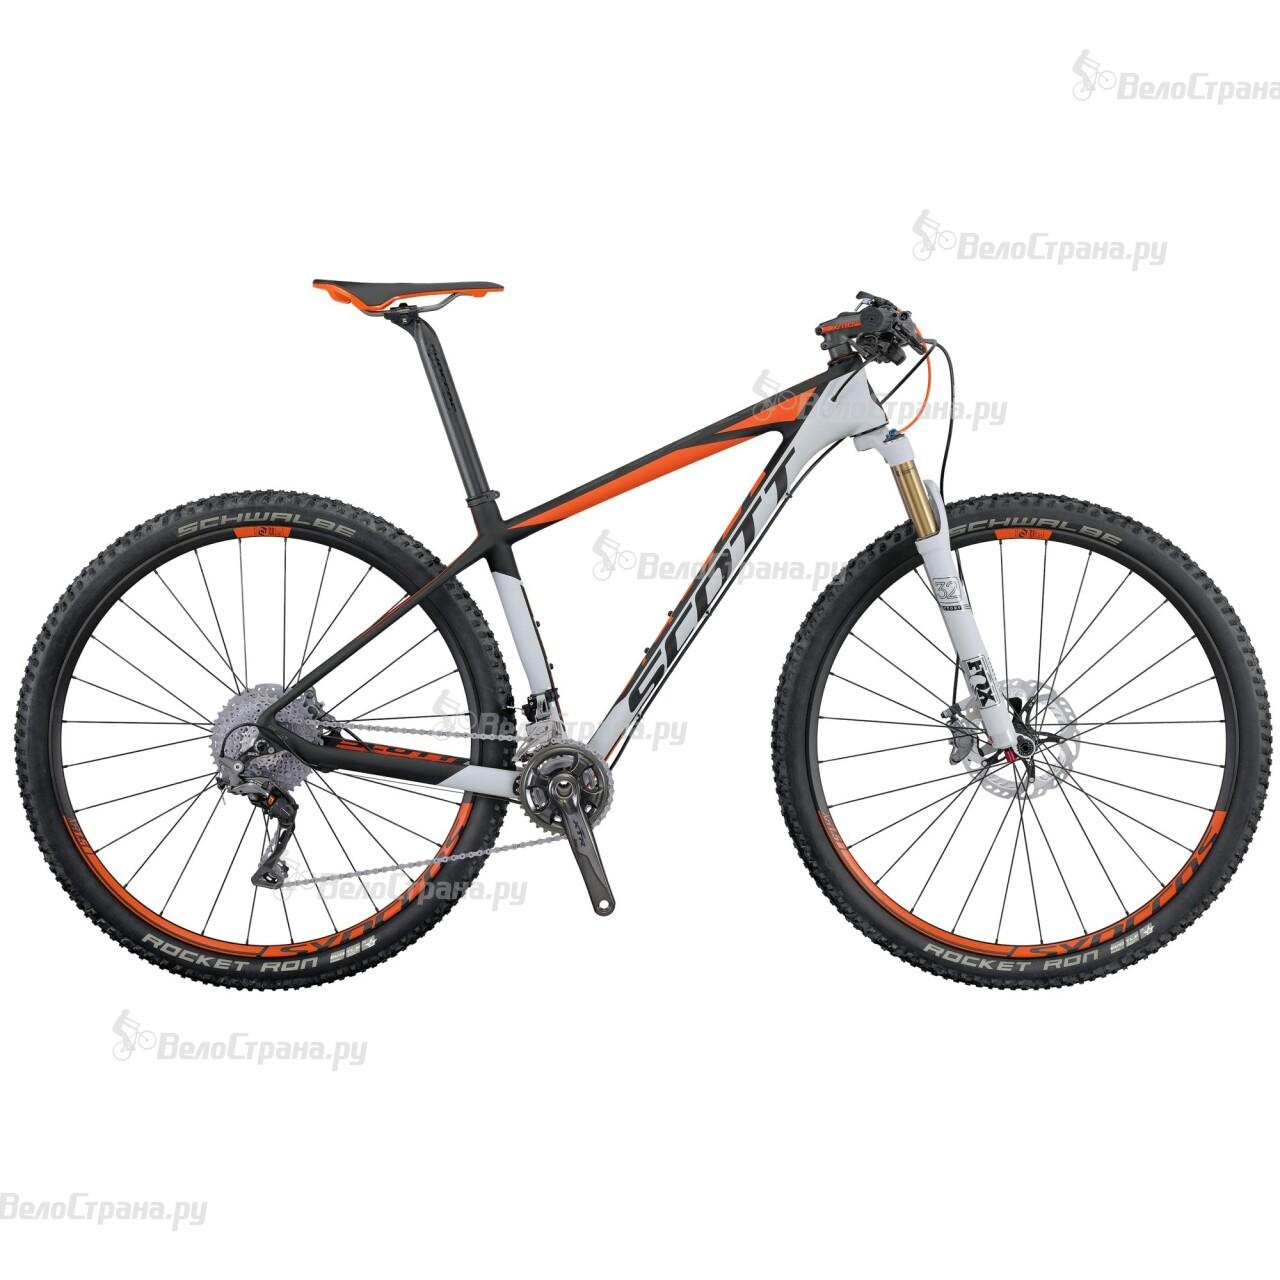 все цены на Велосипед Scott Scale 900 Premium (2016) онлайн